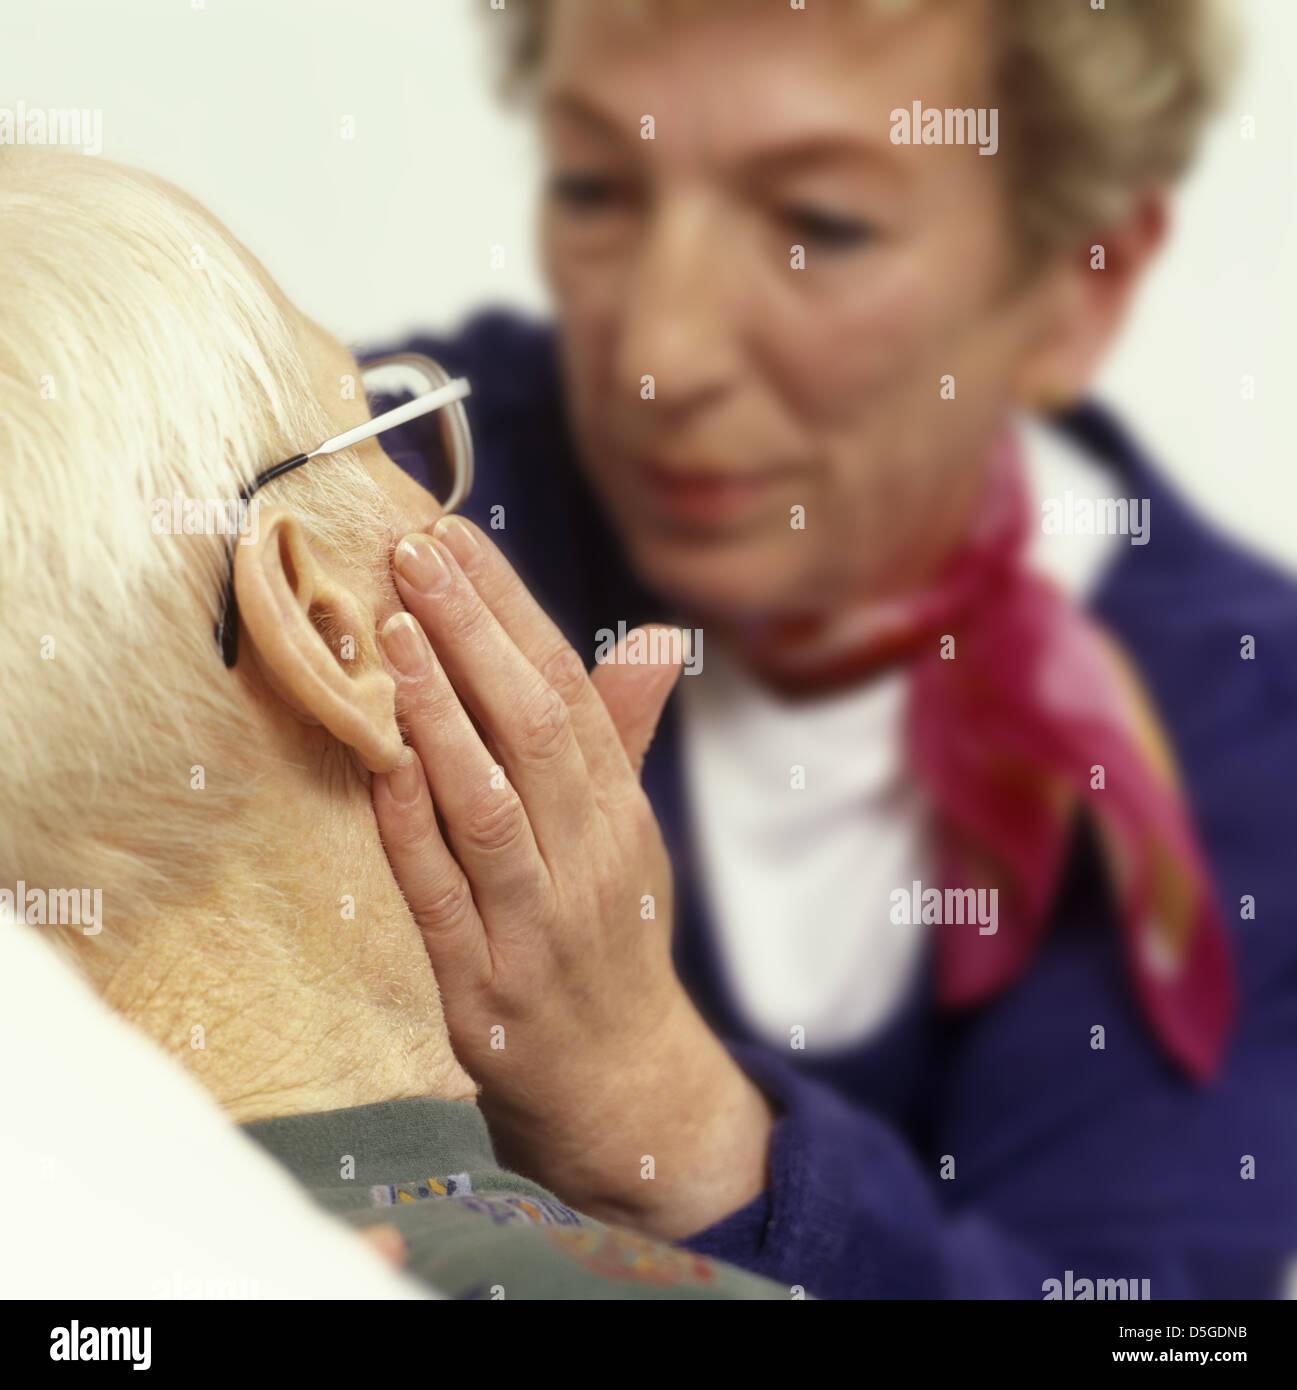 Frau taetschelt pflegebeduerftigen alten Mann die Wange |woman chucks an old man dependent on care| - Stock Image